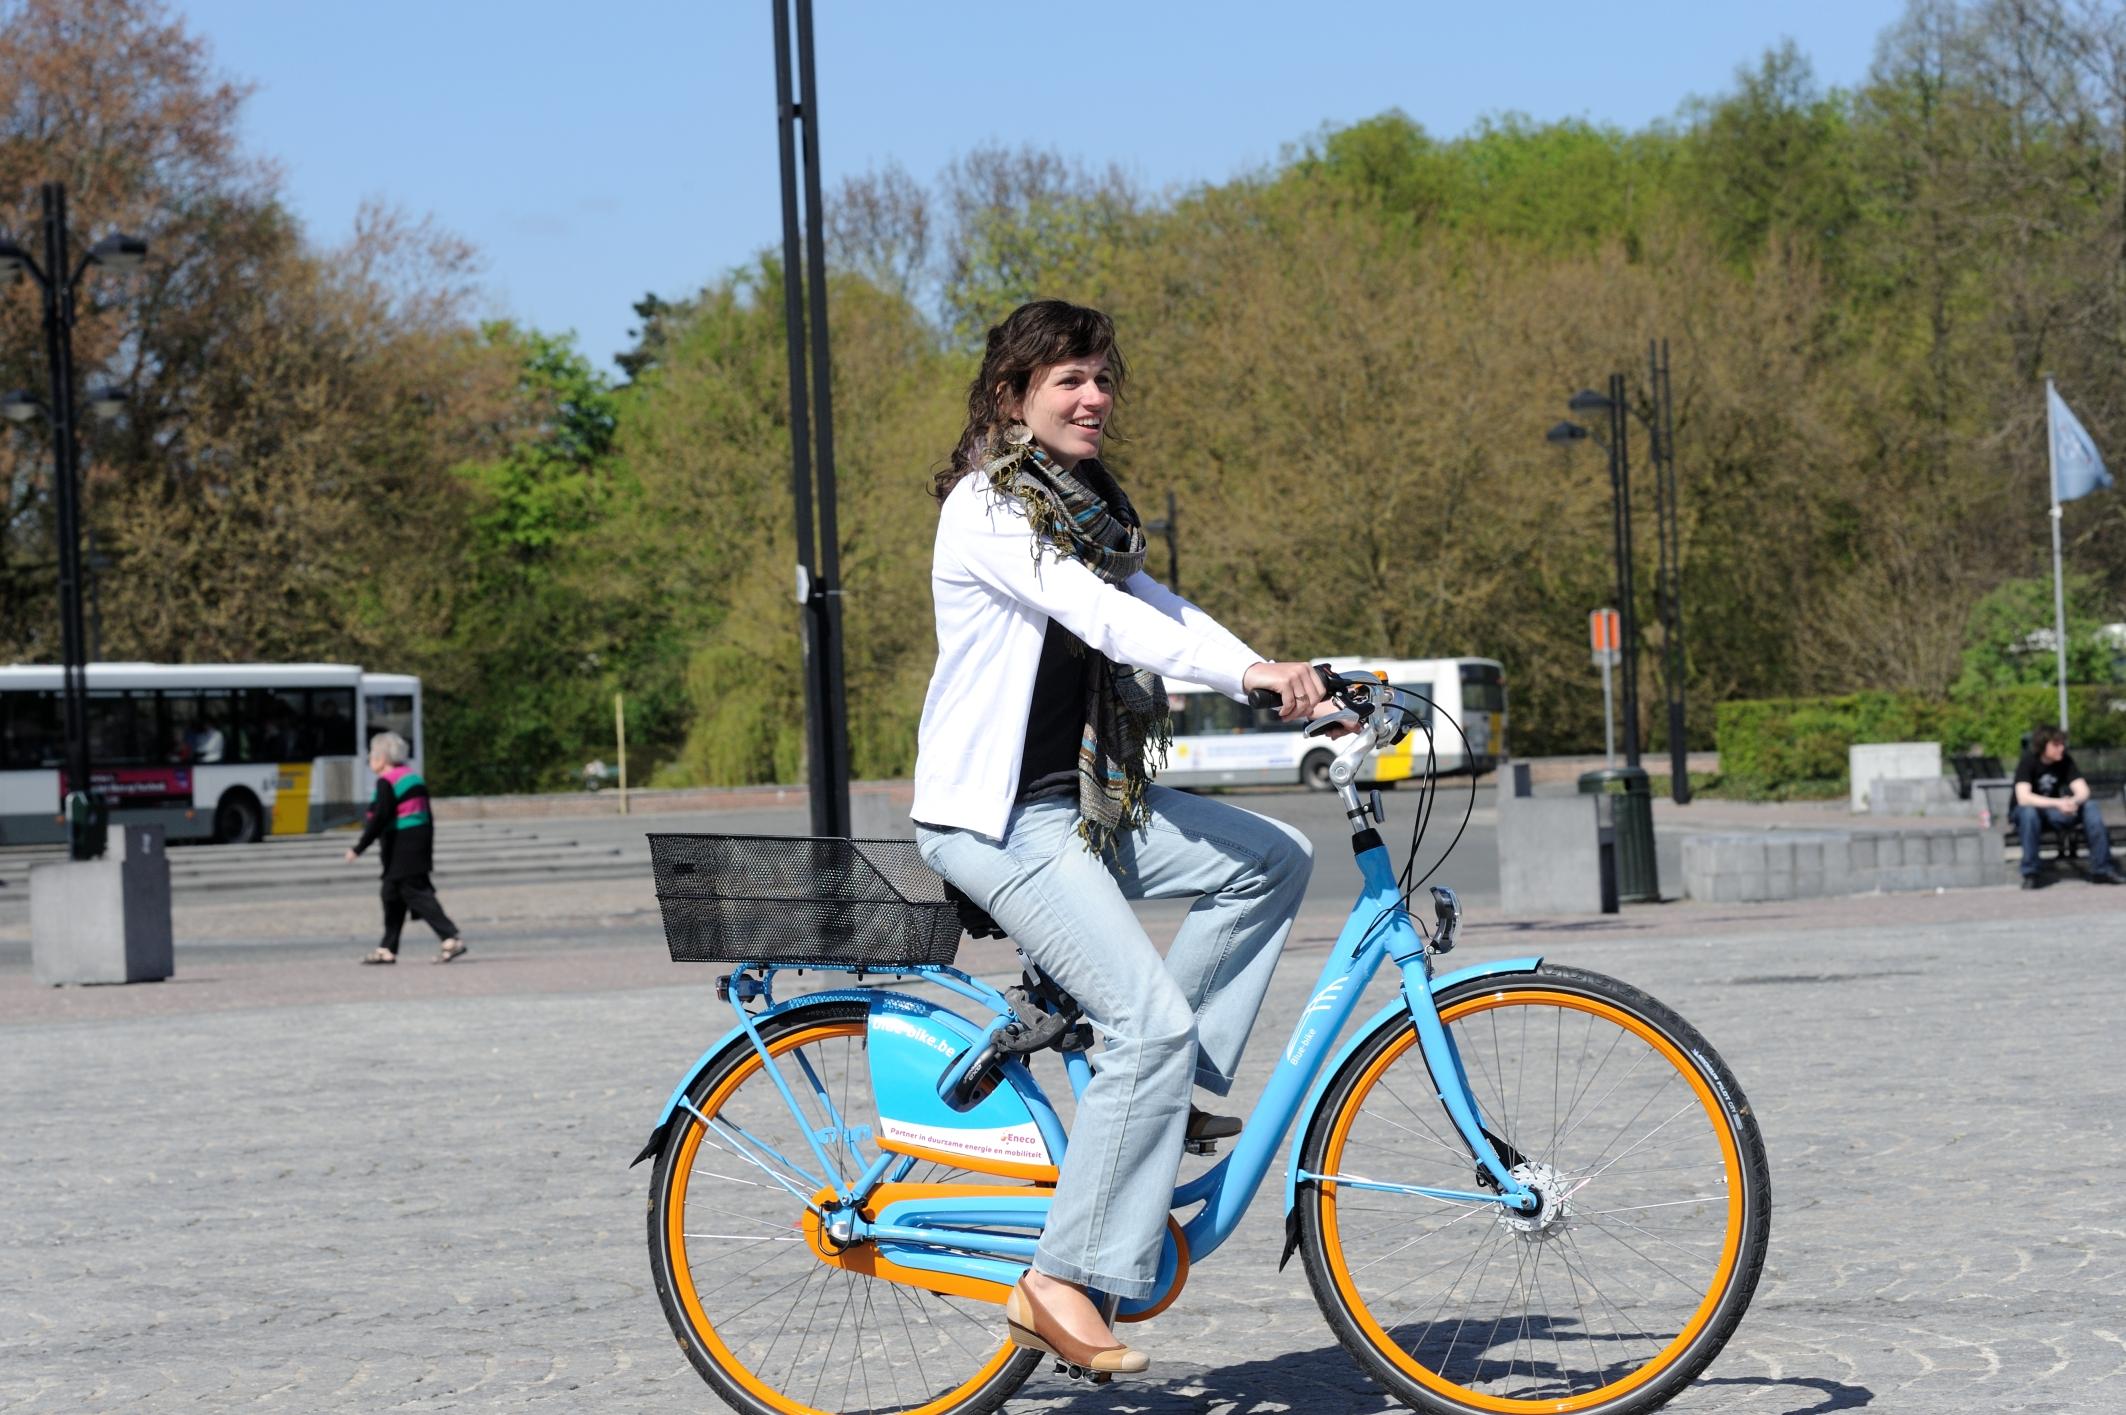 Deelfietsenbedrijf Blue-bike